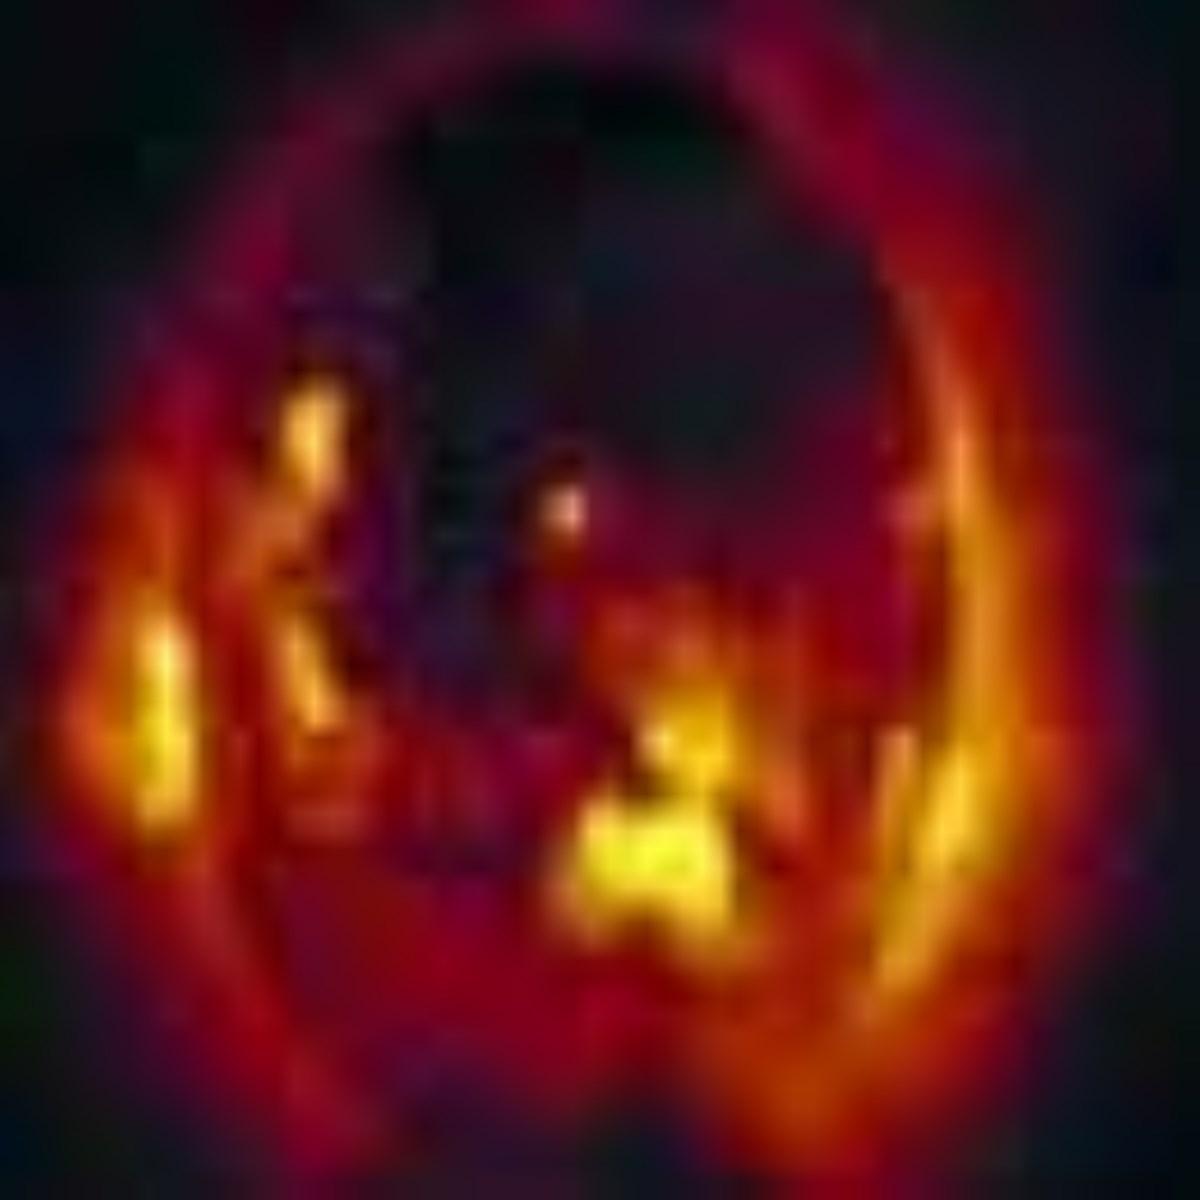 تجسم خورشید در چهار میلیارد سال آینده